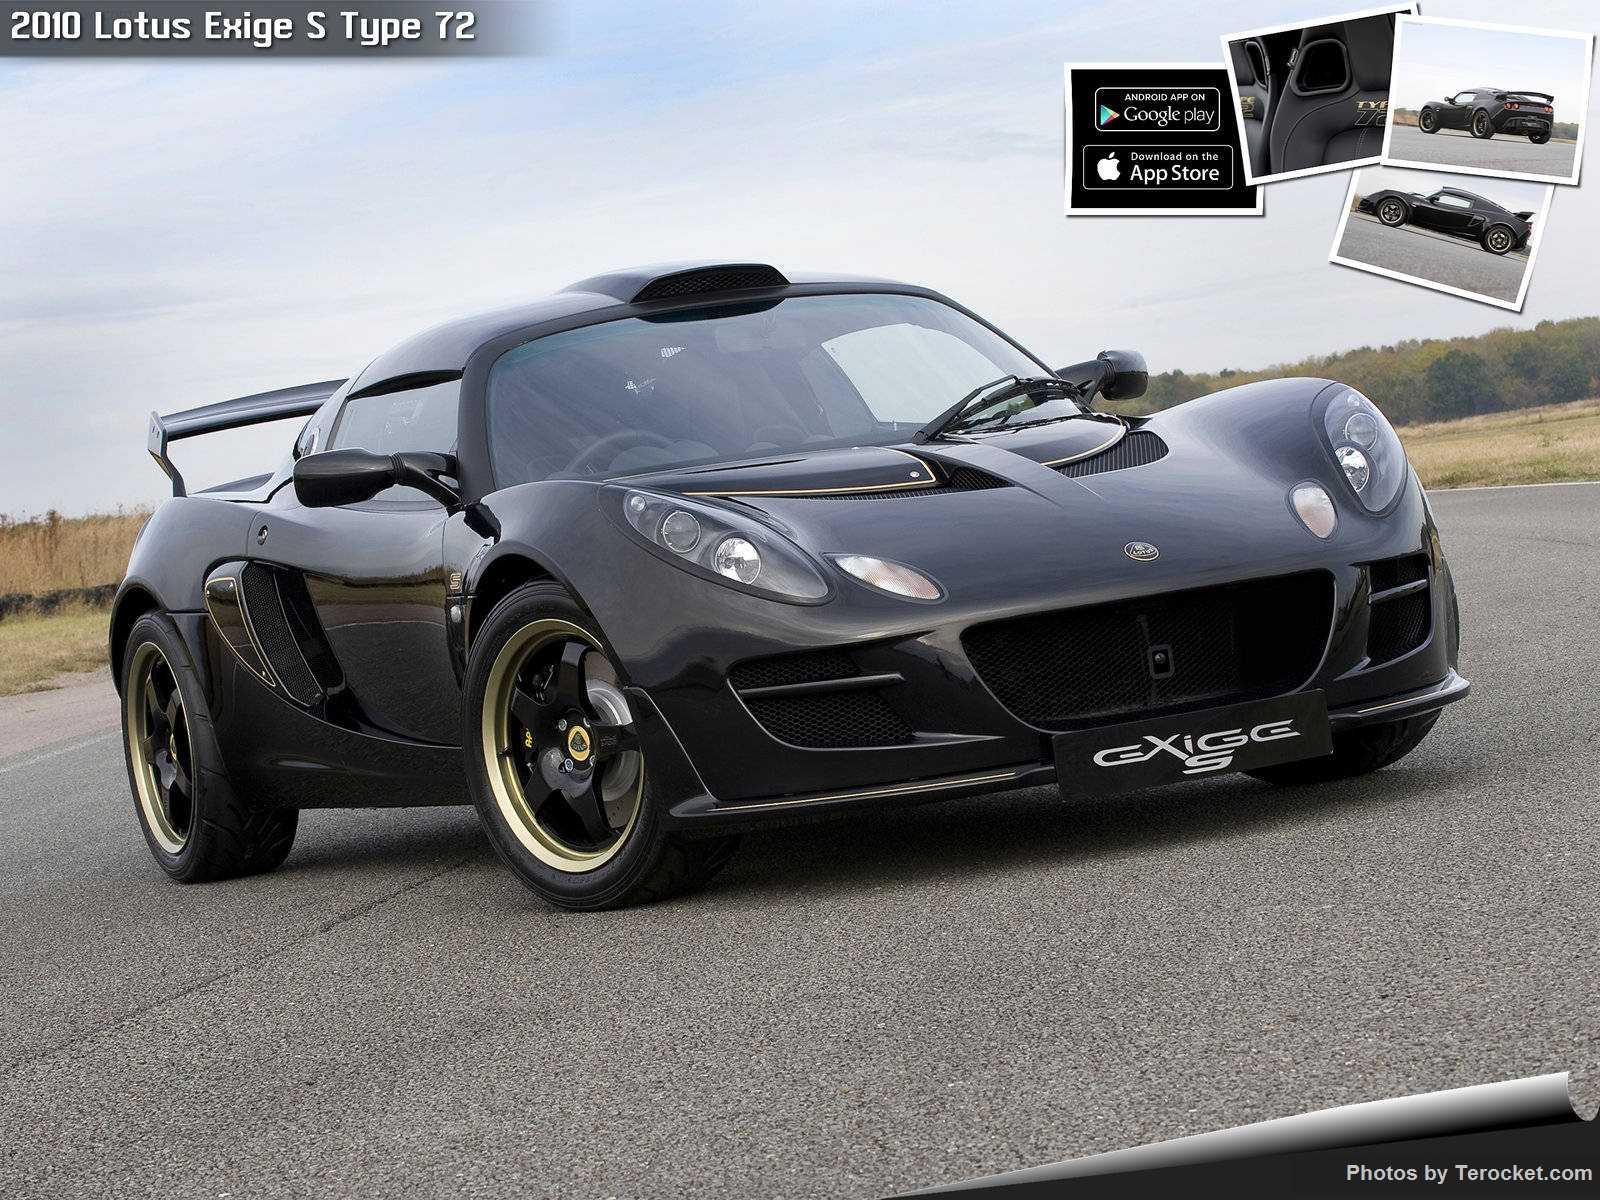 Hình ảnh siêu xe Lotus Exige S Type 72 2010 & nội ngoại thất